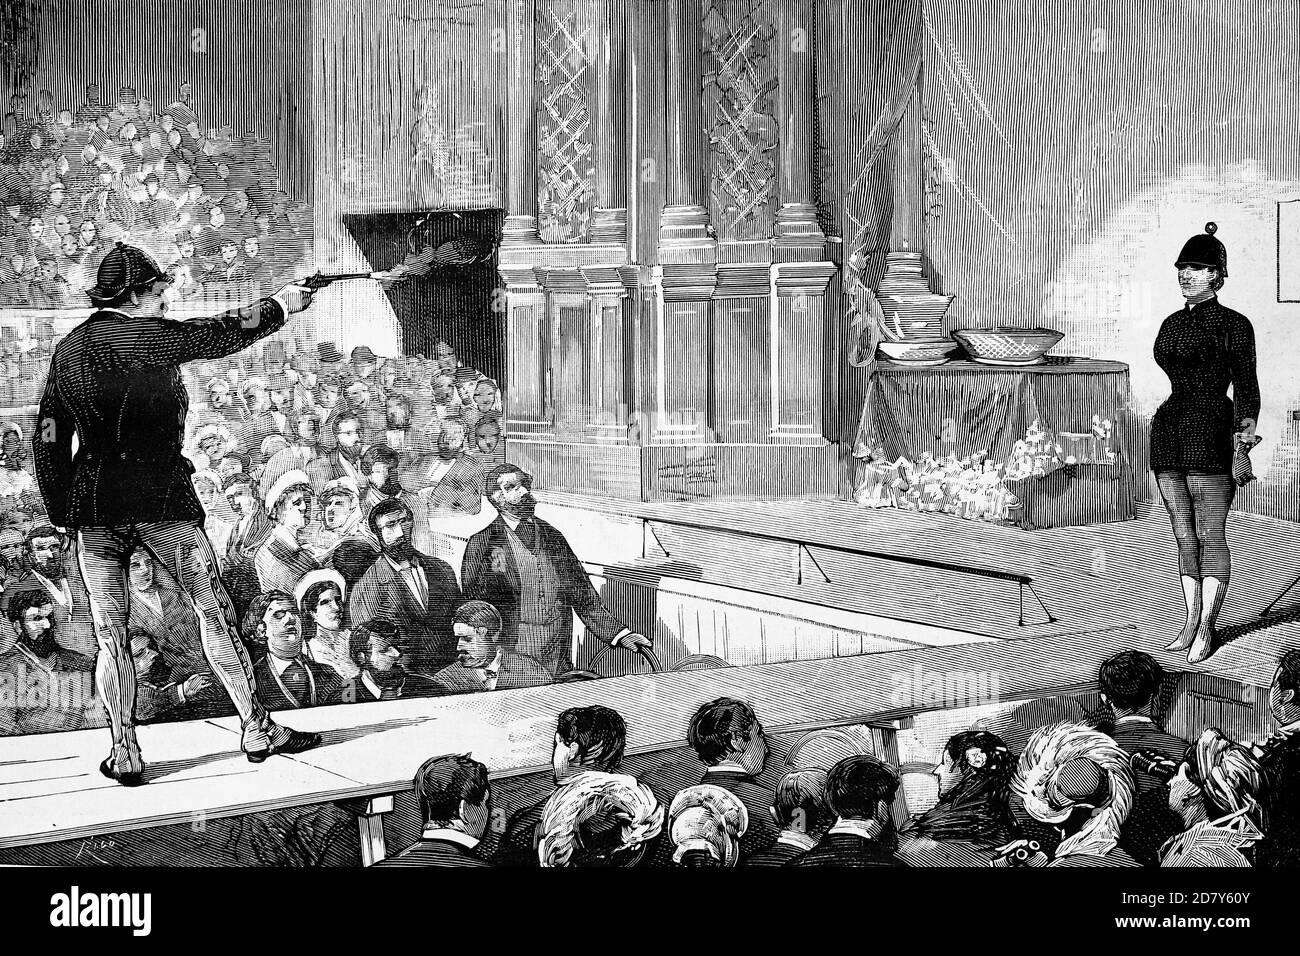 Madrid, España, Circus Price, el shooter estadounidense Paine ejecutando sus arriesgados ejercicios con su esposa como asistente. Ilustración antigua. 1882. Foto de stock